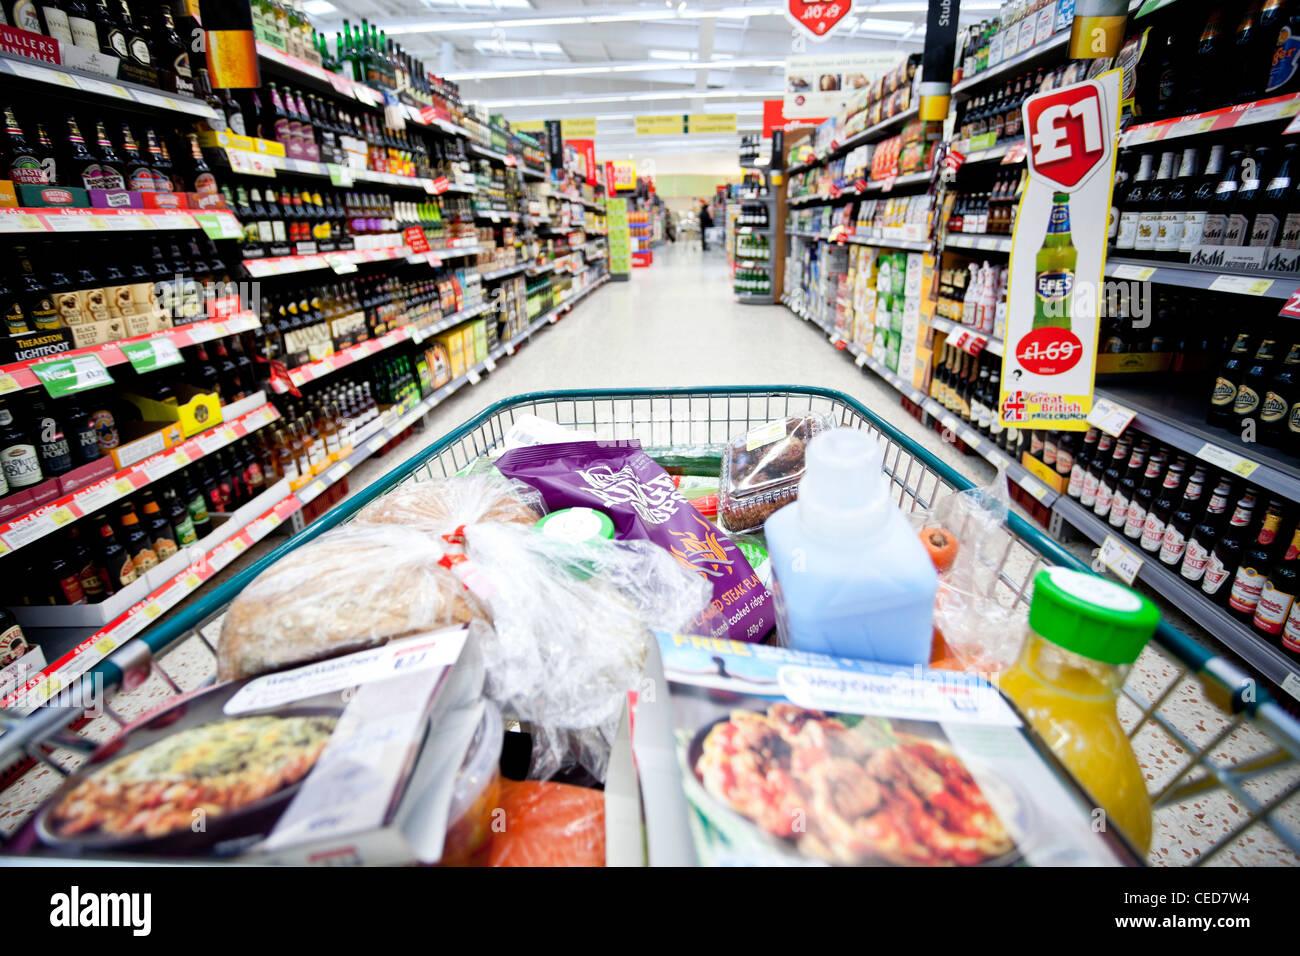 Tesco supermarket aisle and trolley, London, England, UK - Stock Image